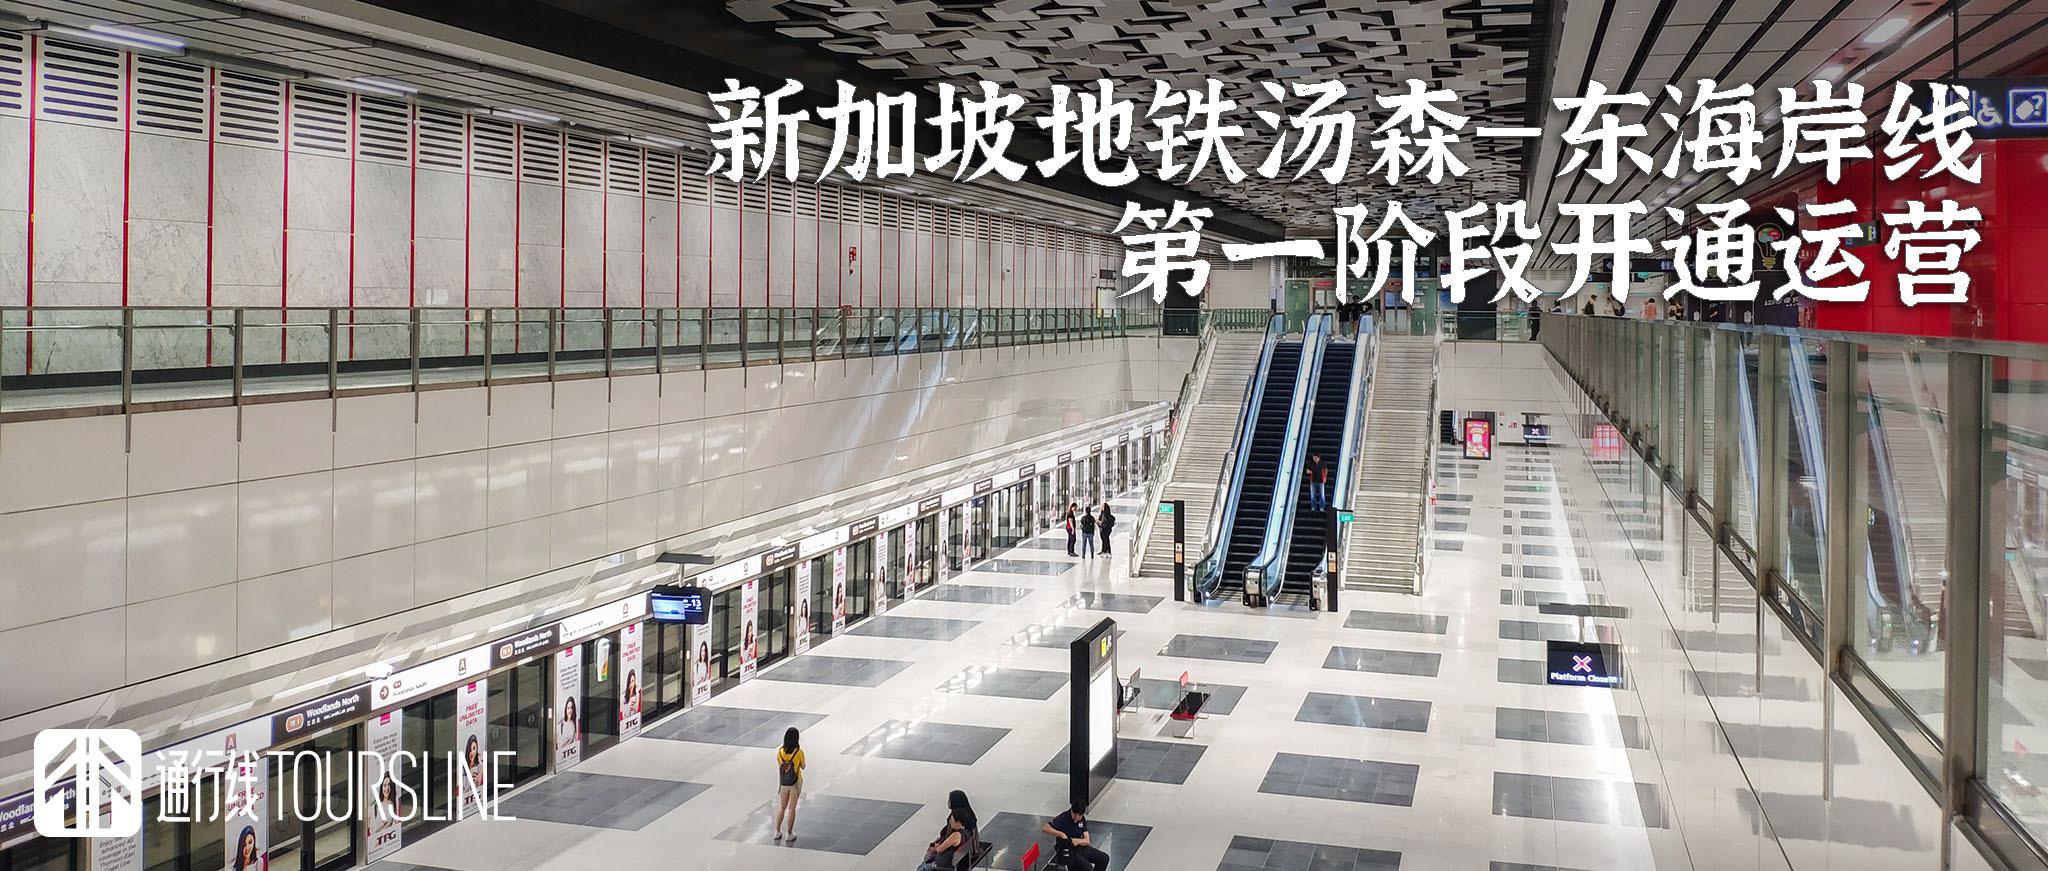 """新加坡的""""地下国门""""——新加坡地铁汤森—东海岸线开通运营"""